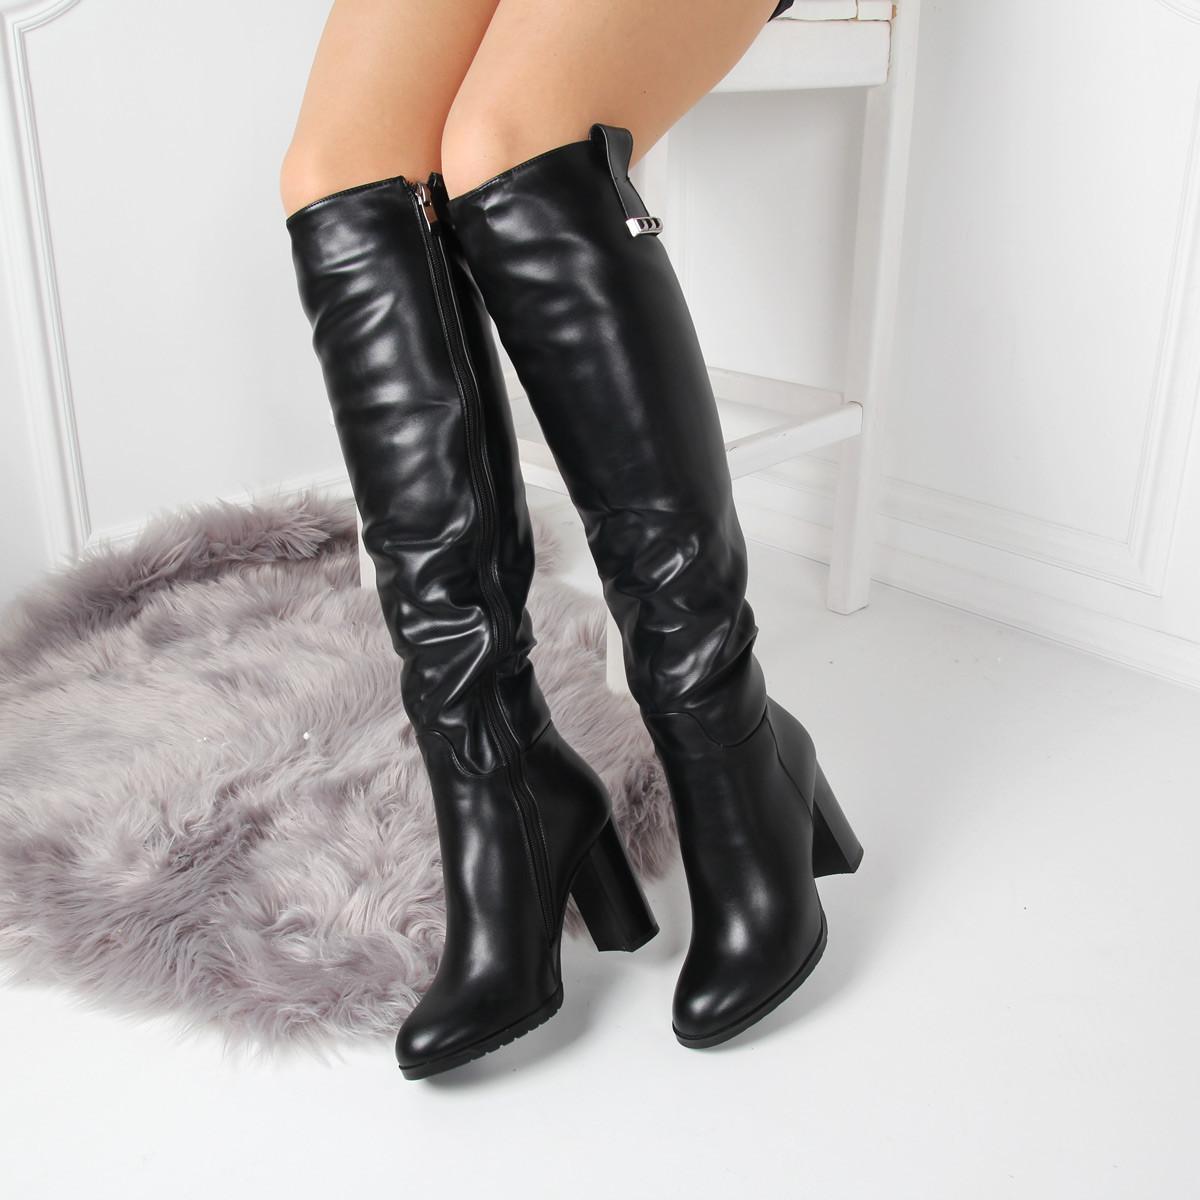 Зимние ботфорты на каблуке толстом каблуке мех вся длина